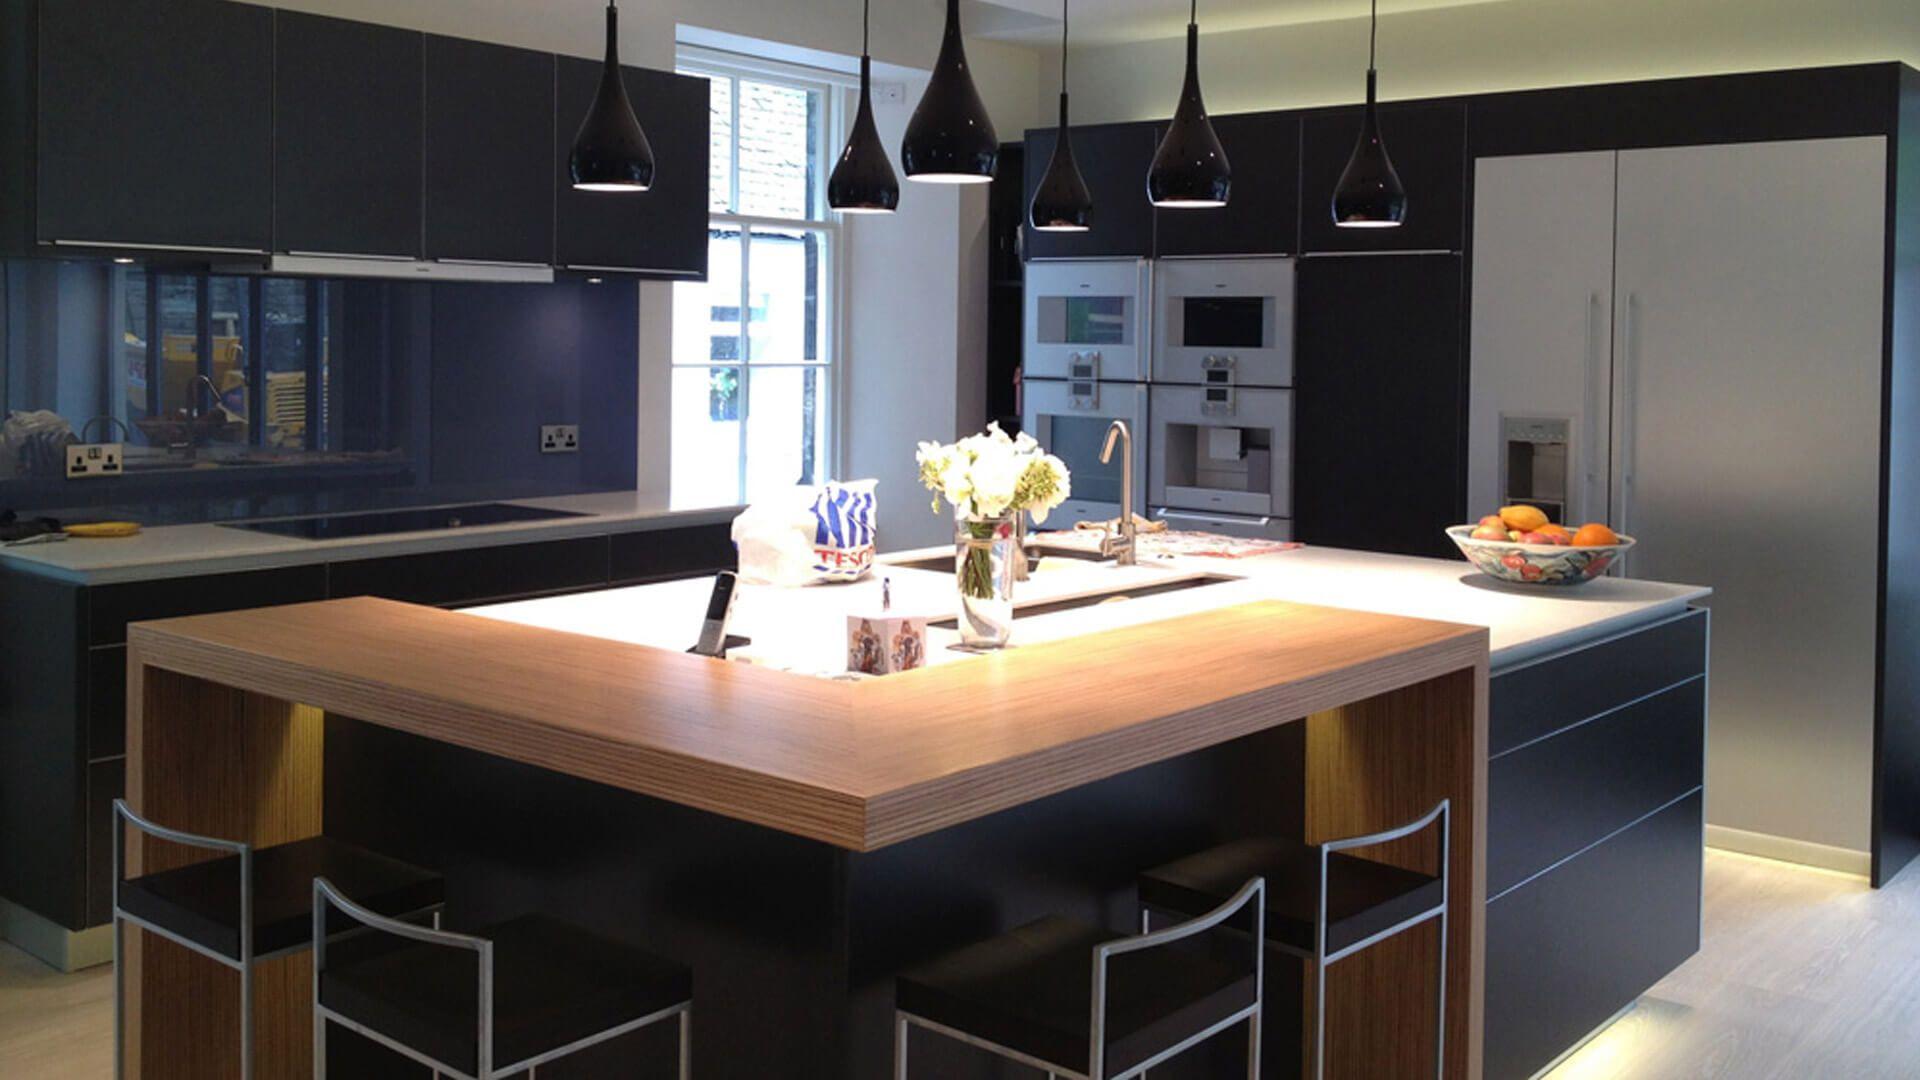 Montaje de cocinas | Cocinas | Pinterest | Montajes, Cocinas y ...